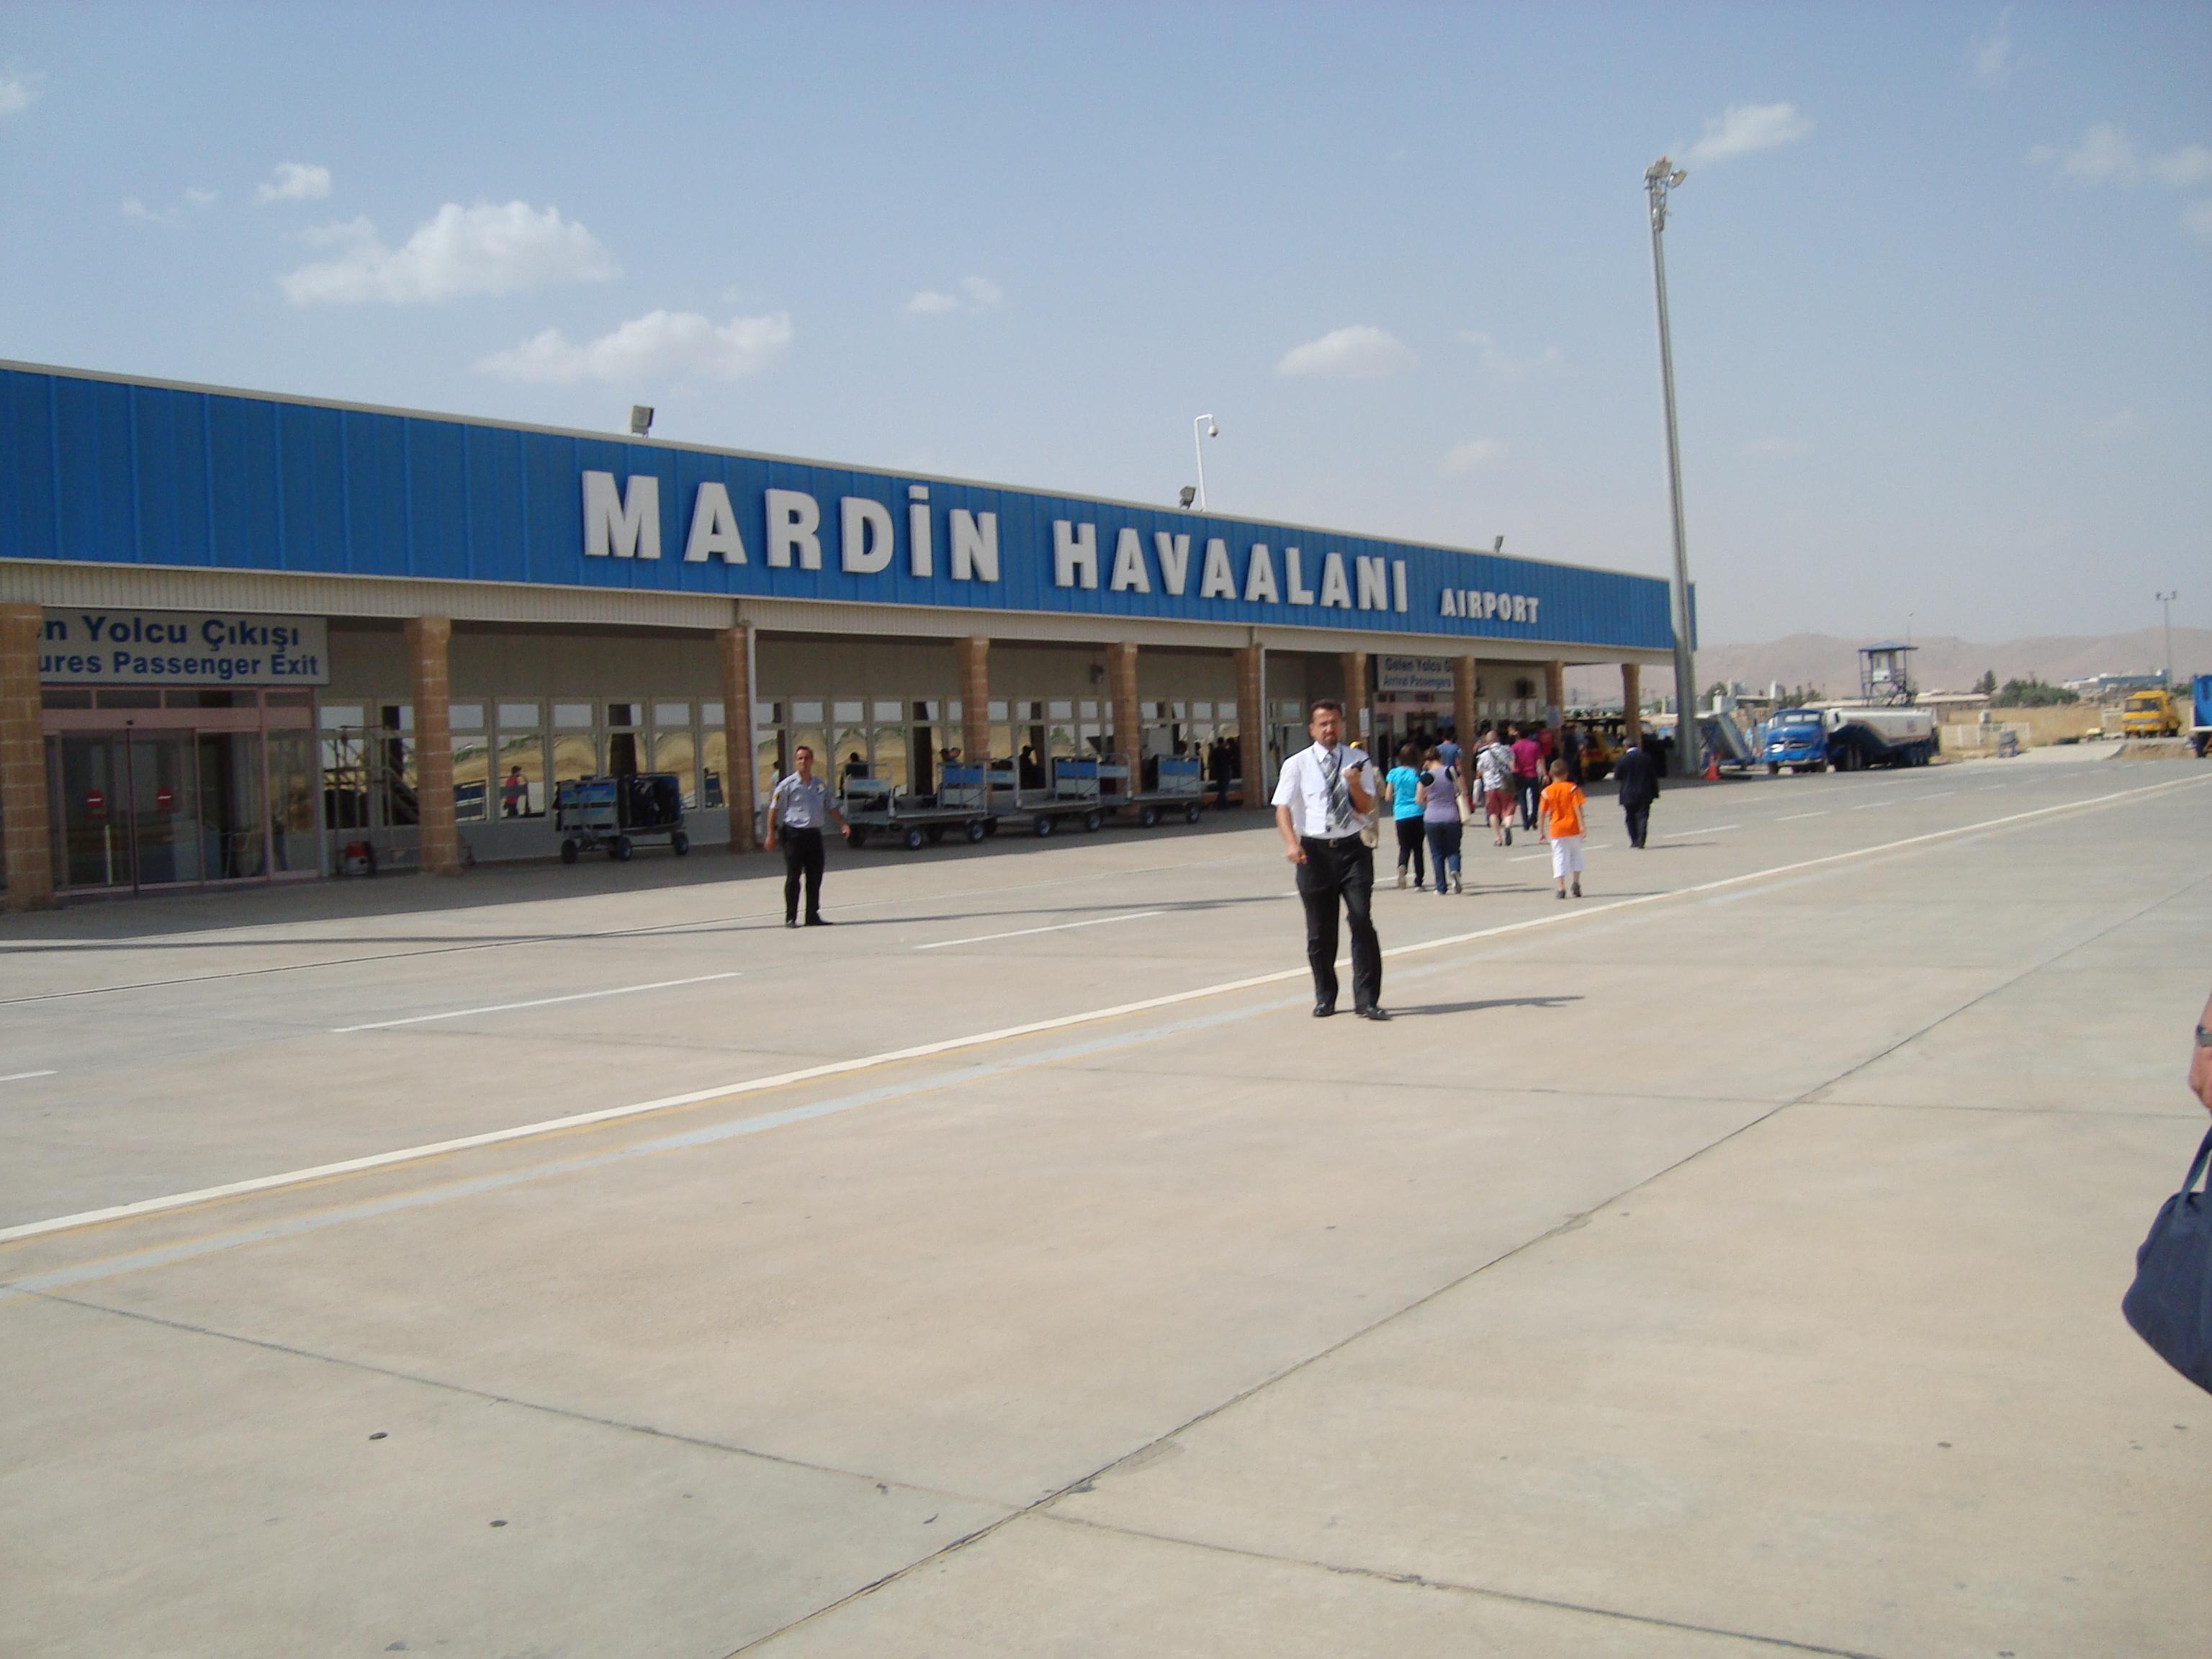 Havaalanı (Grozny): açıklama ve geçmişi 7